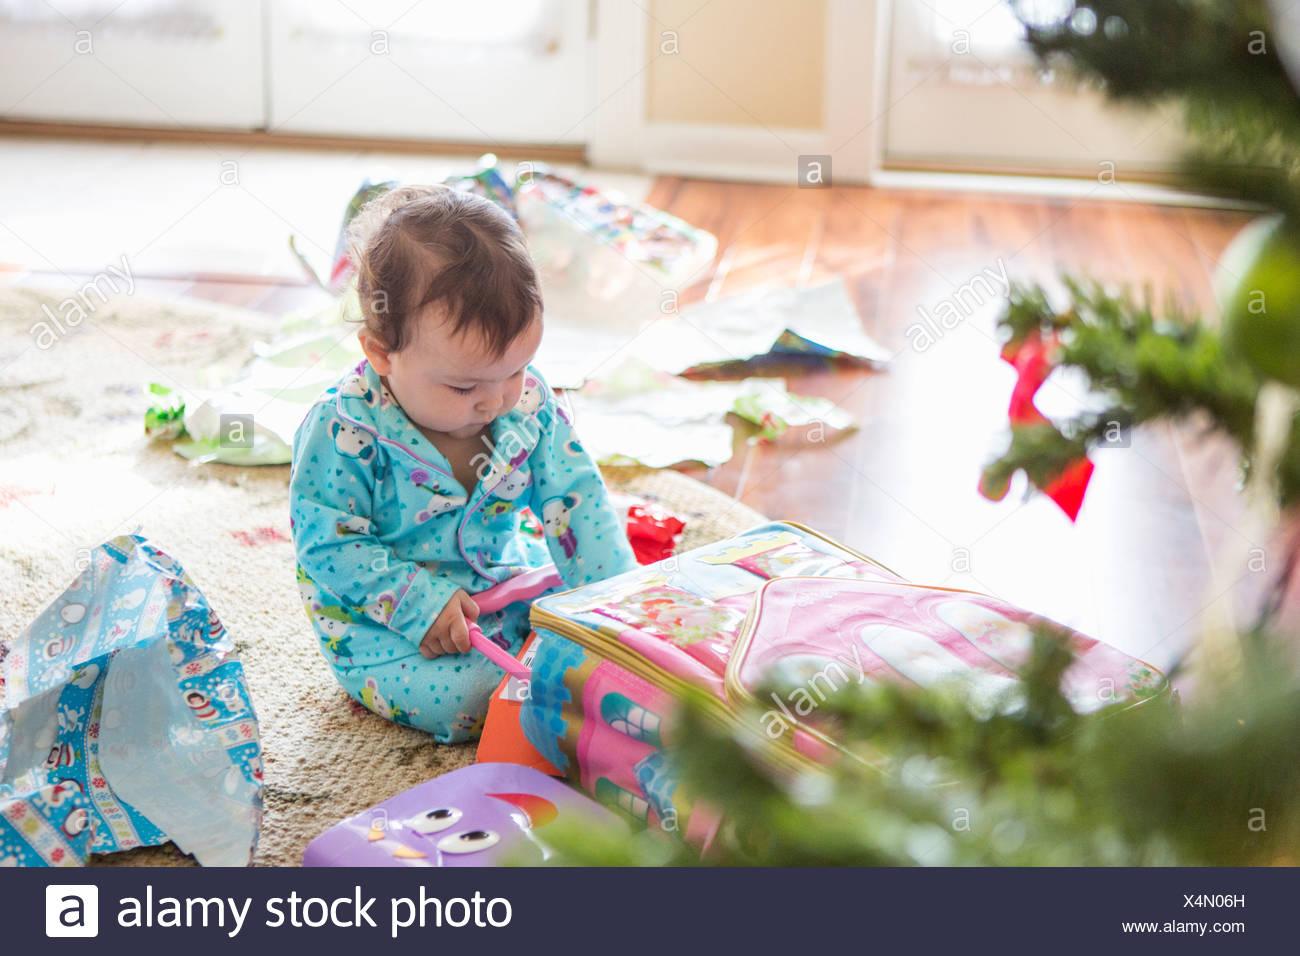 Babymädchen öffnen Weihnachtsgeschenke Stockfoto, Bild: 278285689 ...